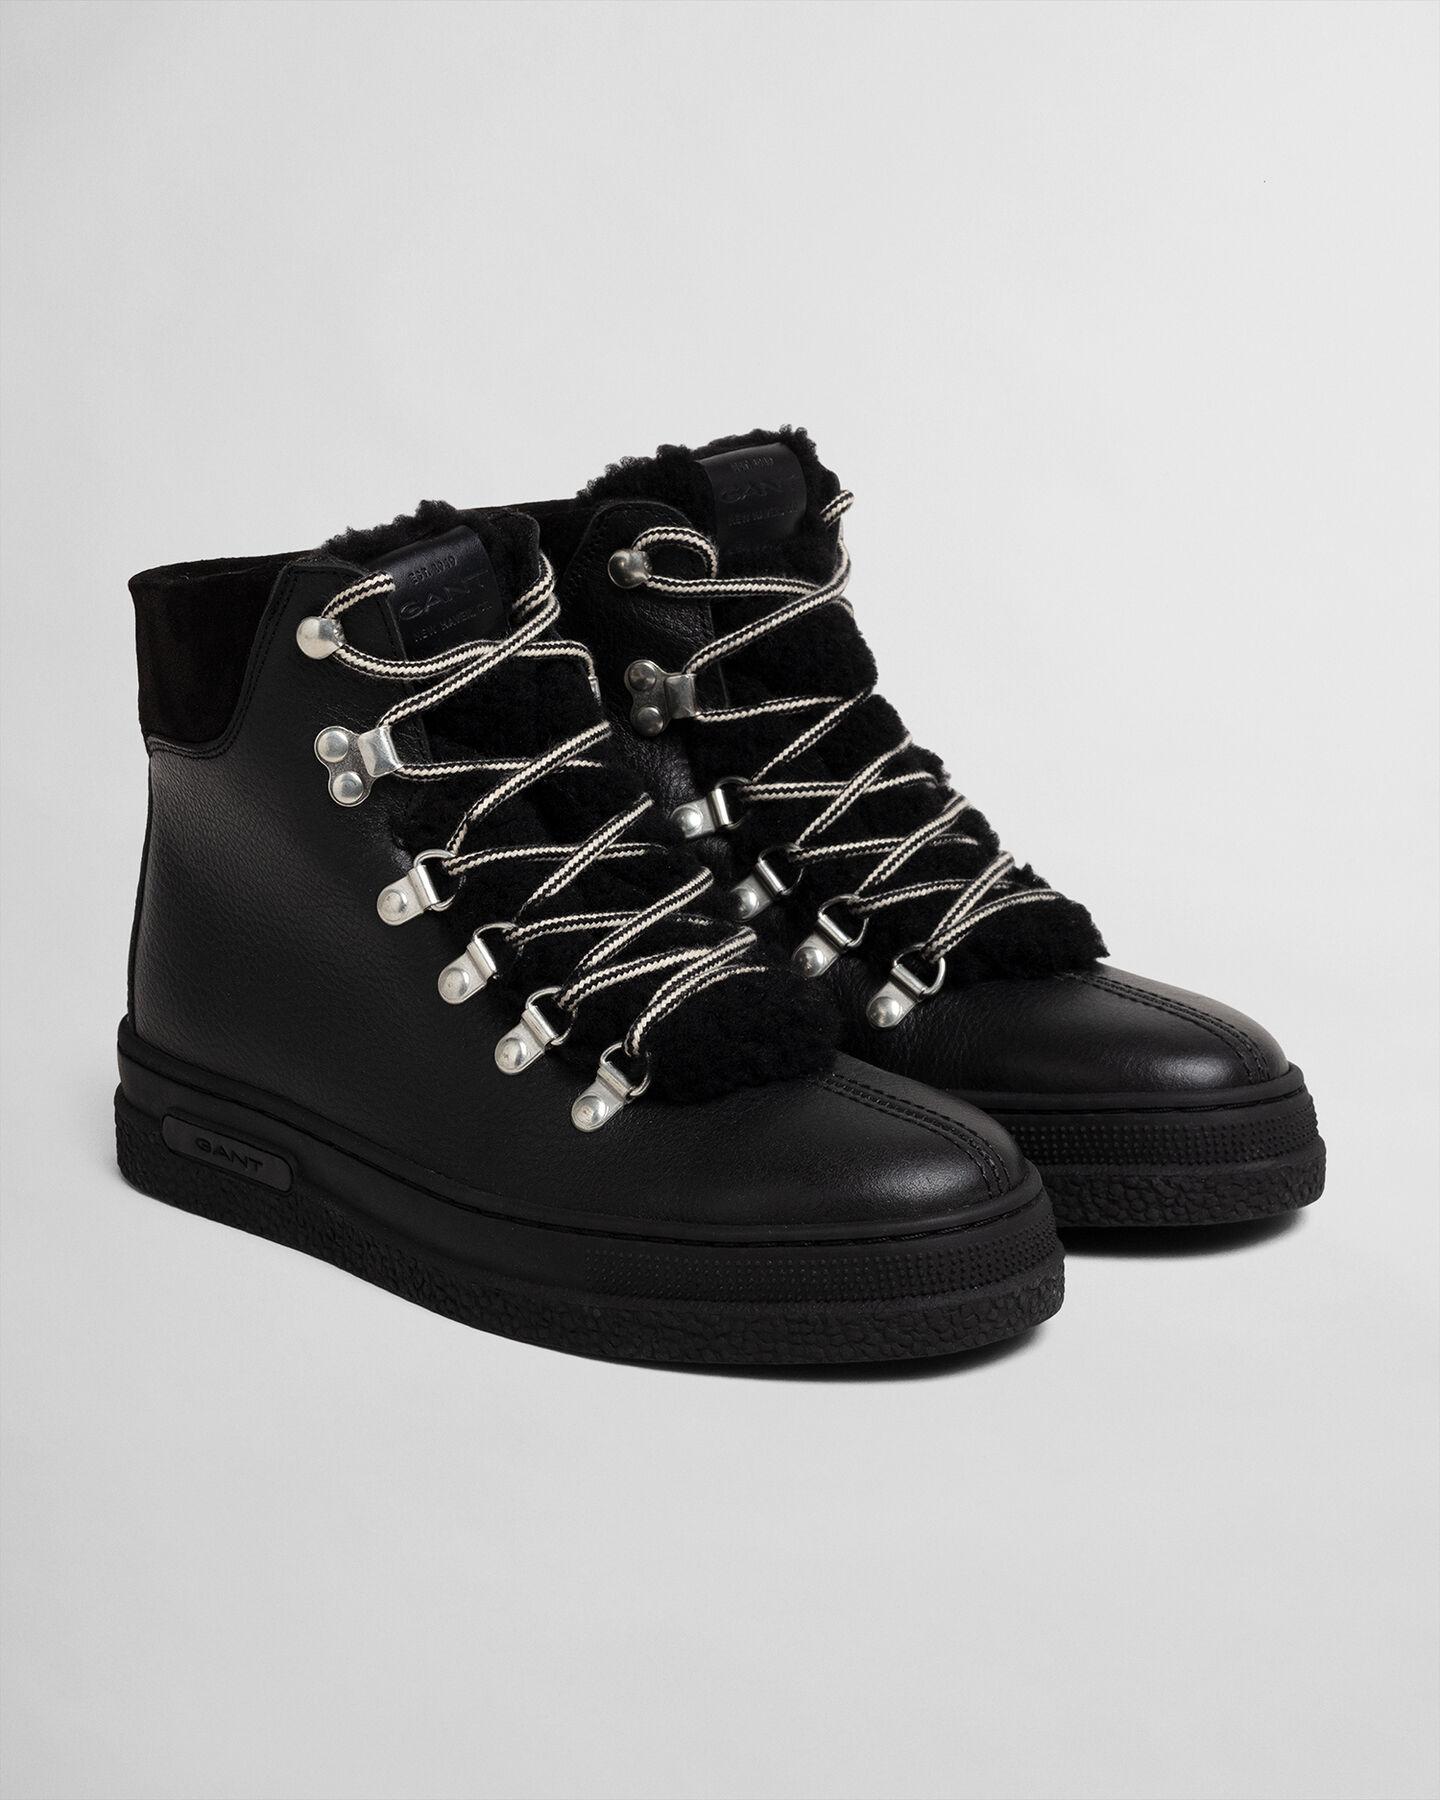 Breonna mellanhöga boots med snörning